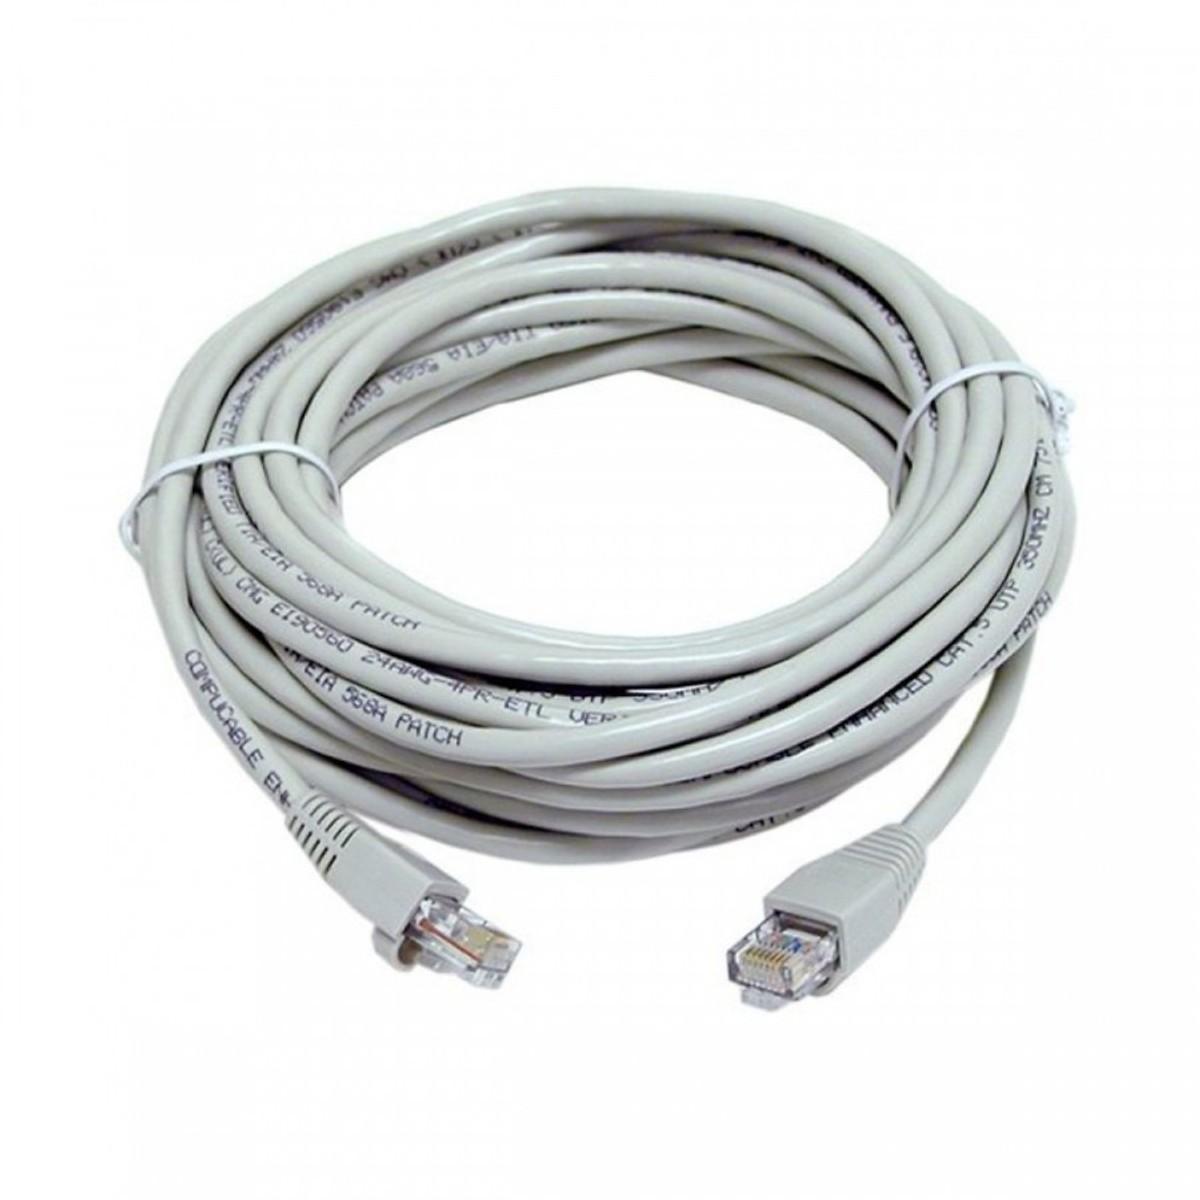 Giá dây mạng cat6 bấm sẵn 2 đầu 10m( xanh, trắng)